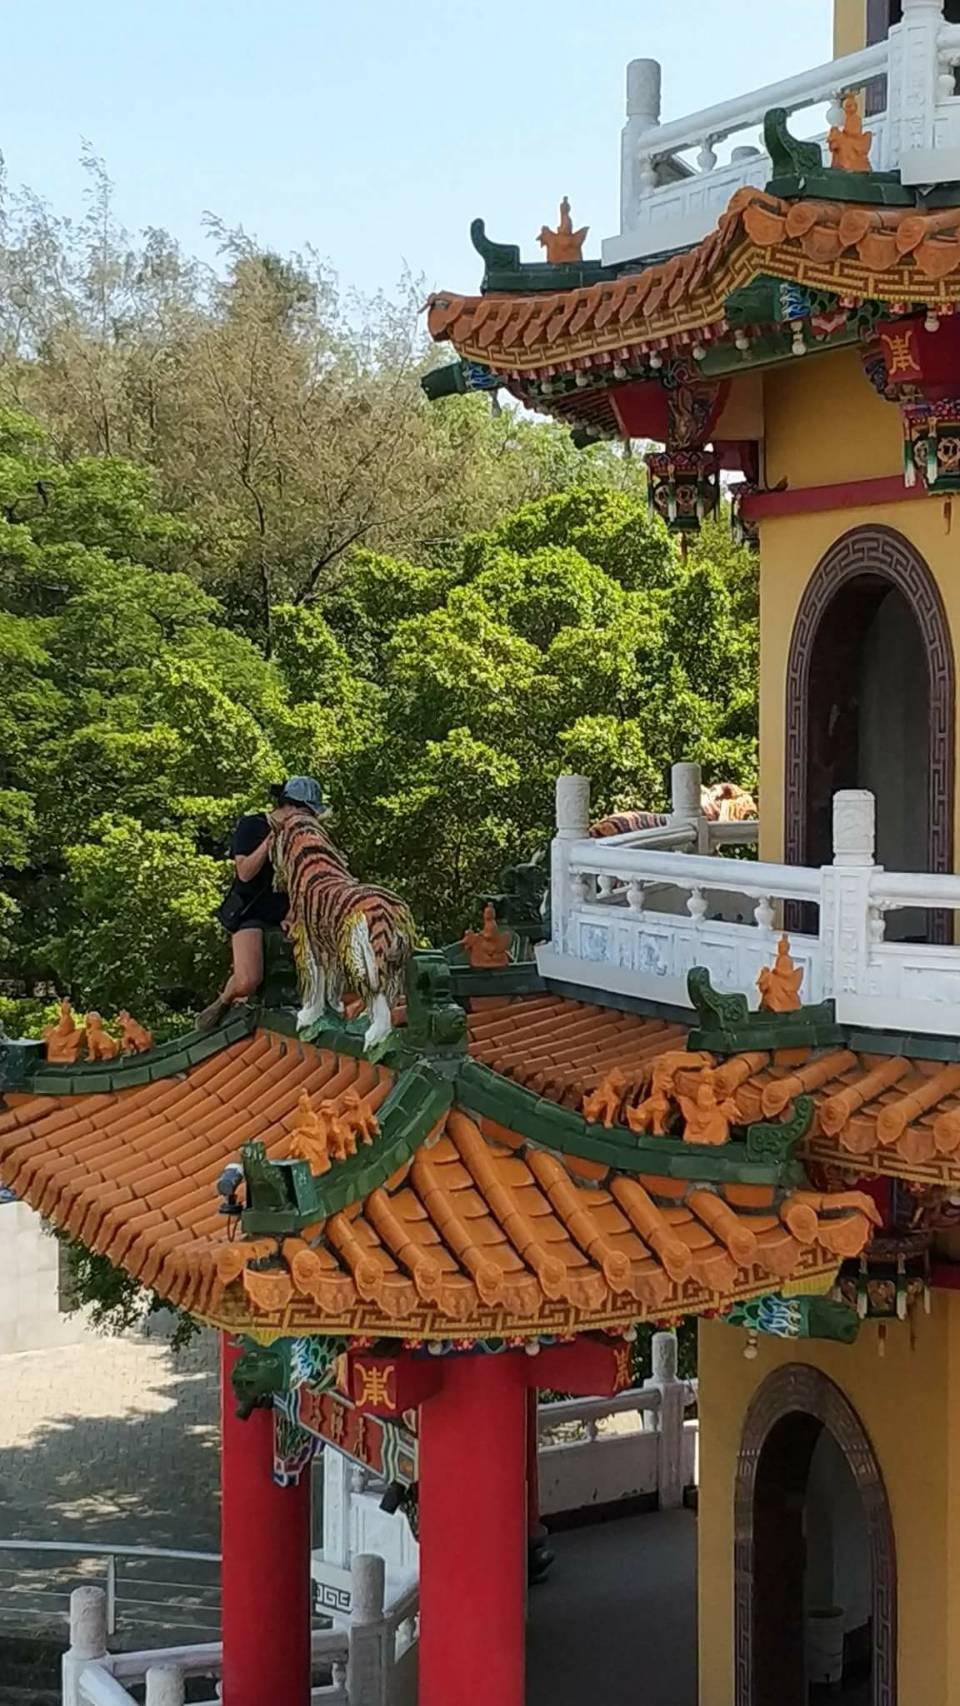 這名女遊客爬出虎塔外拍照,相當危險。圖/翻攝自爆料公社臉書